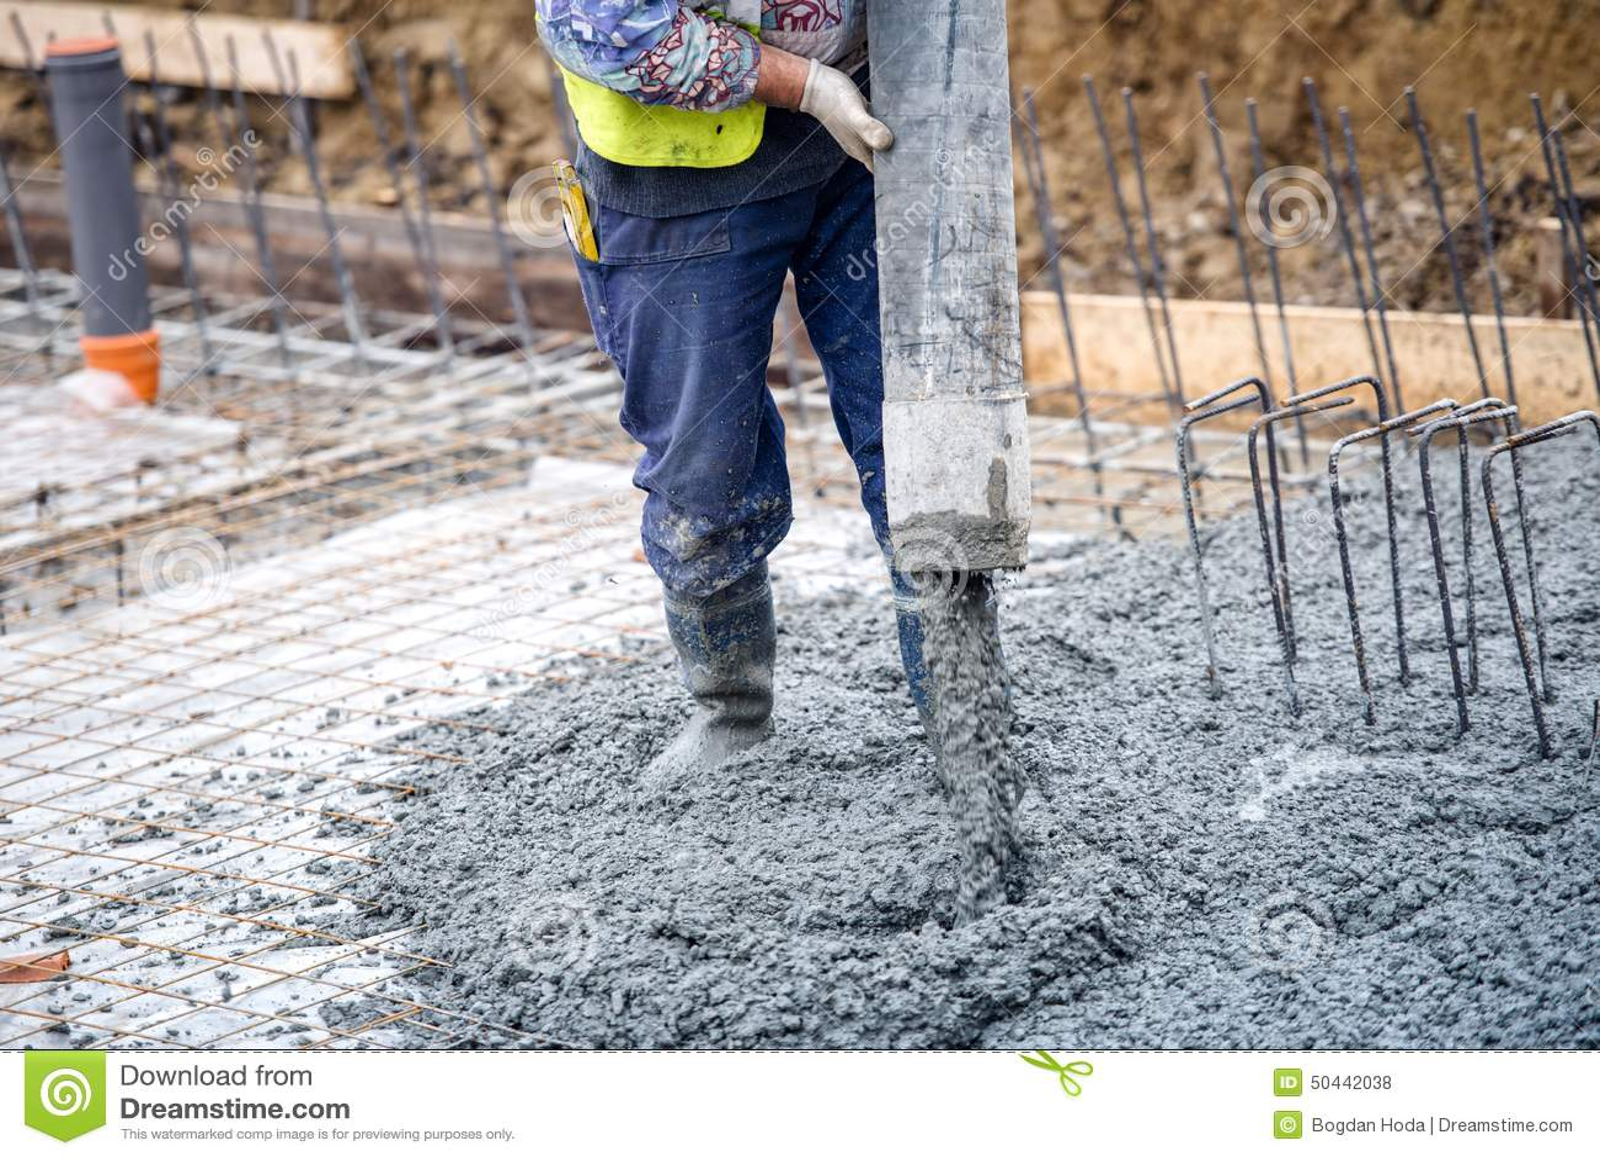 Cimento ou concreto de derramamento do trabalhador de construção civil com tubo de bomba